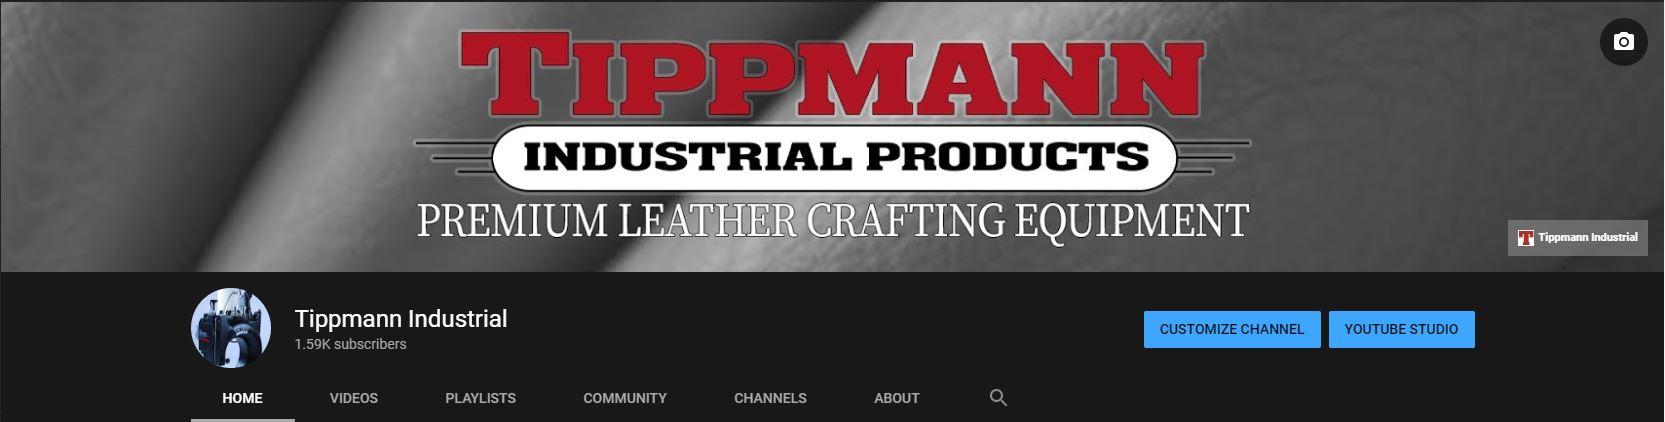 youtube-banner1.jpg